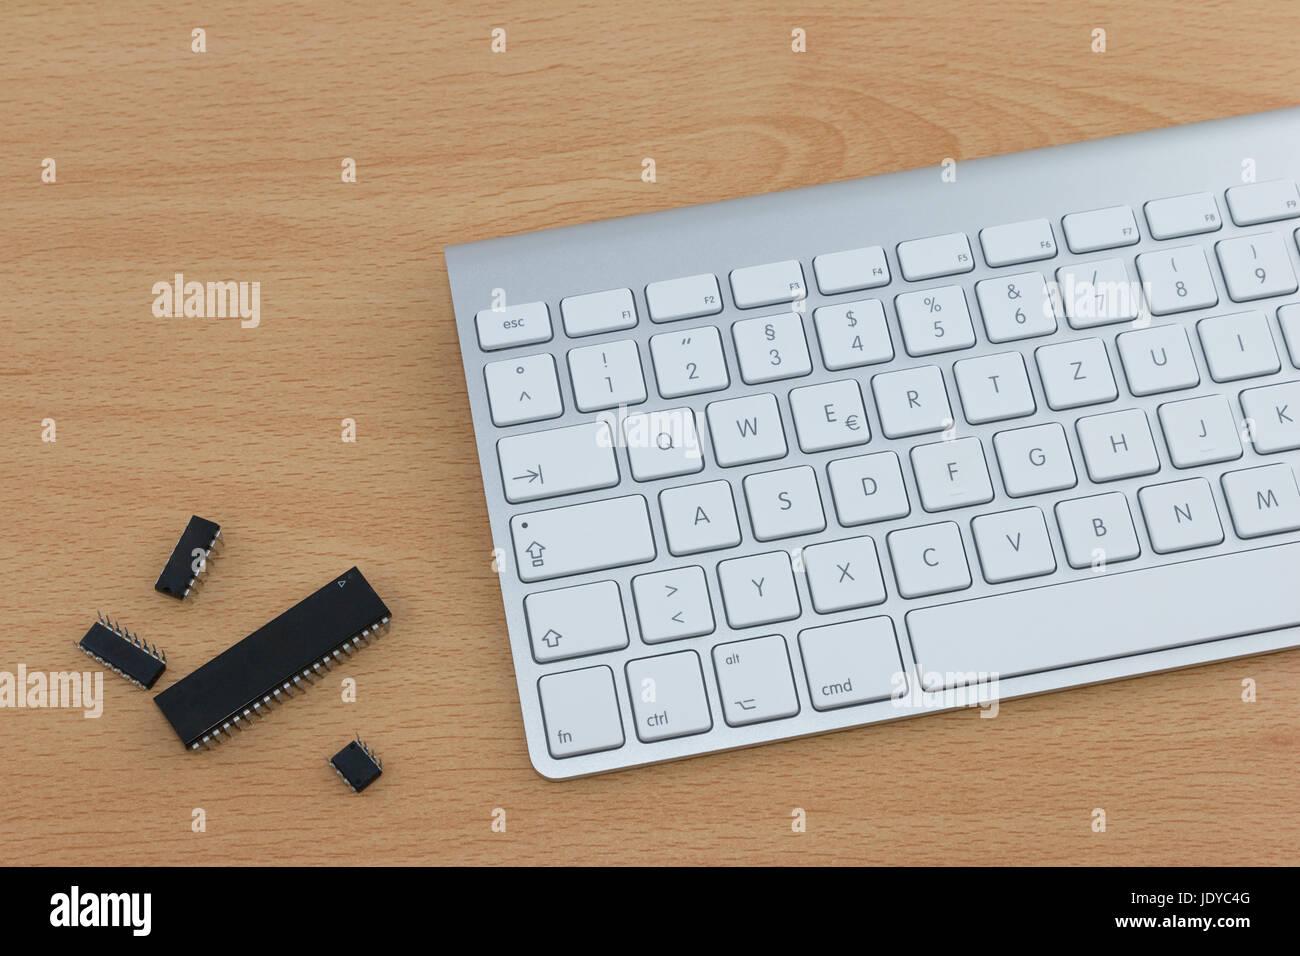 Metall Tastatur Mit Weissen Tasten Und Computer-Chips Stockbild